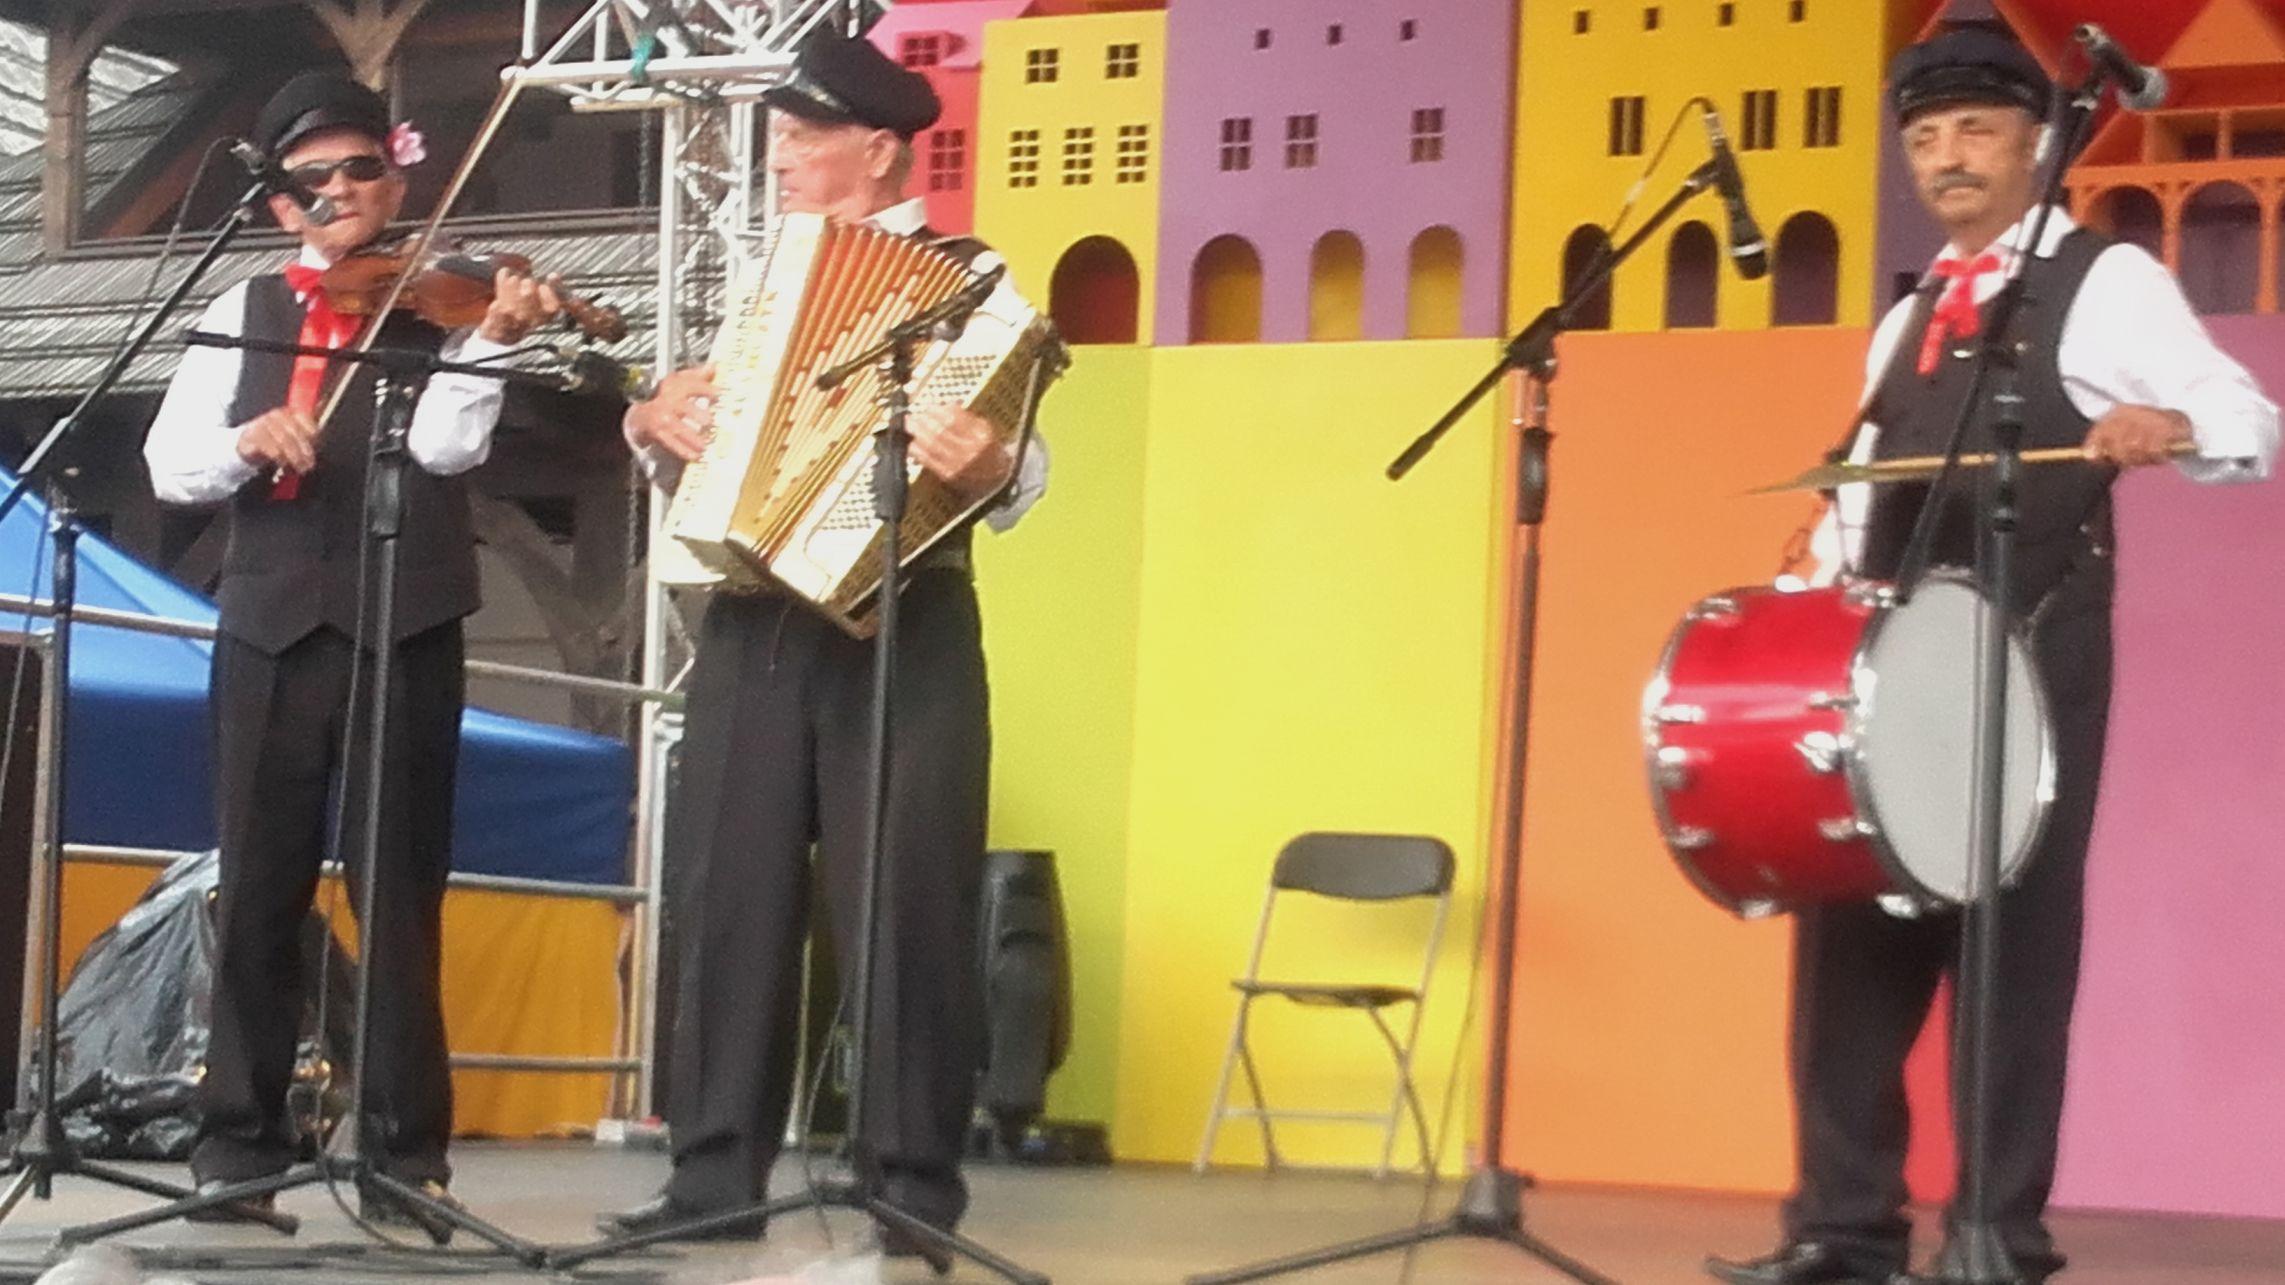 2016-06-25 Kazimierz Dolny - festiwal (48)